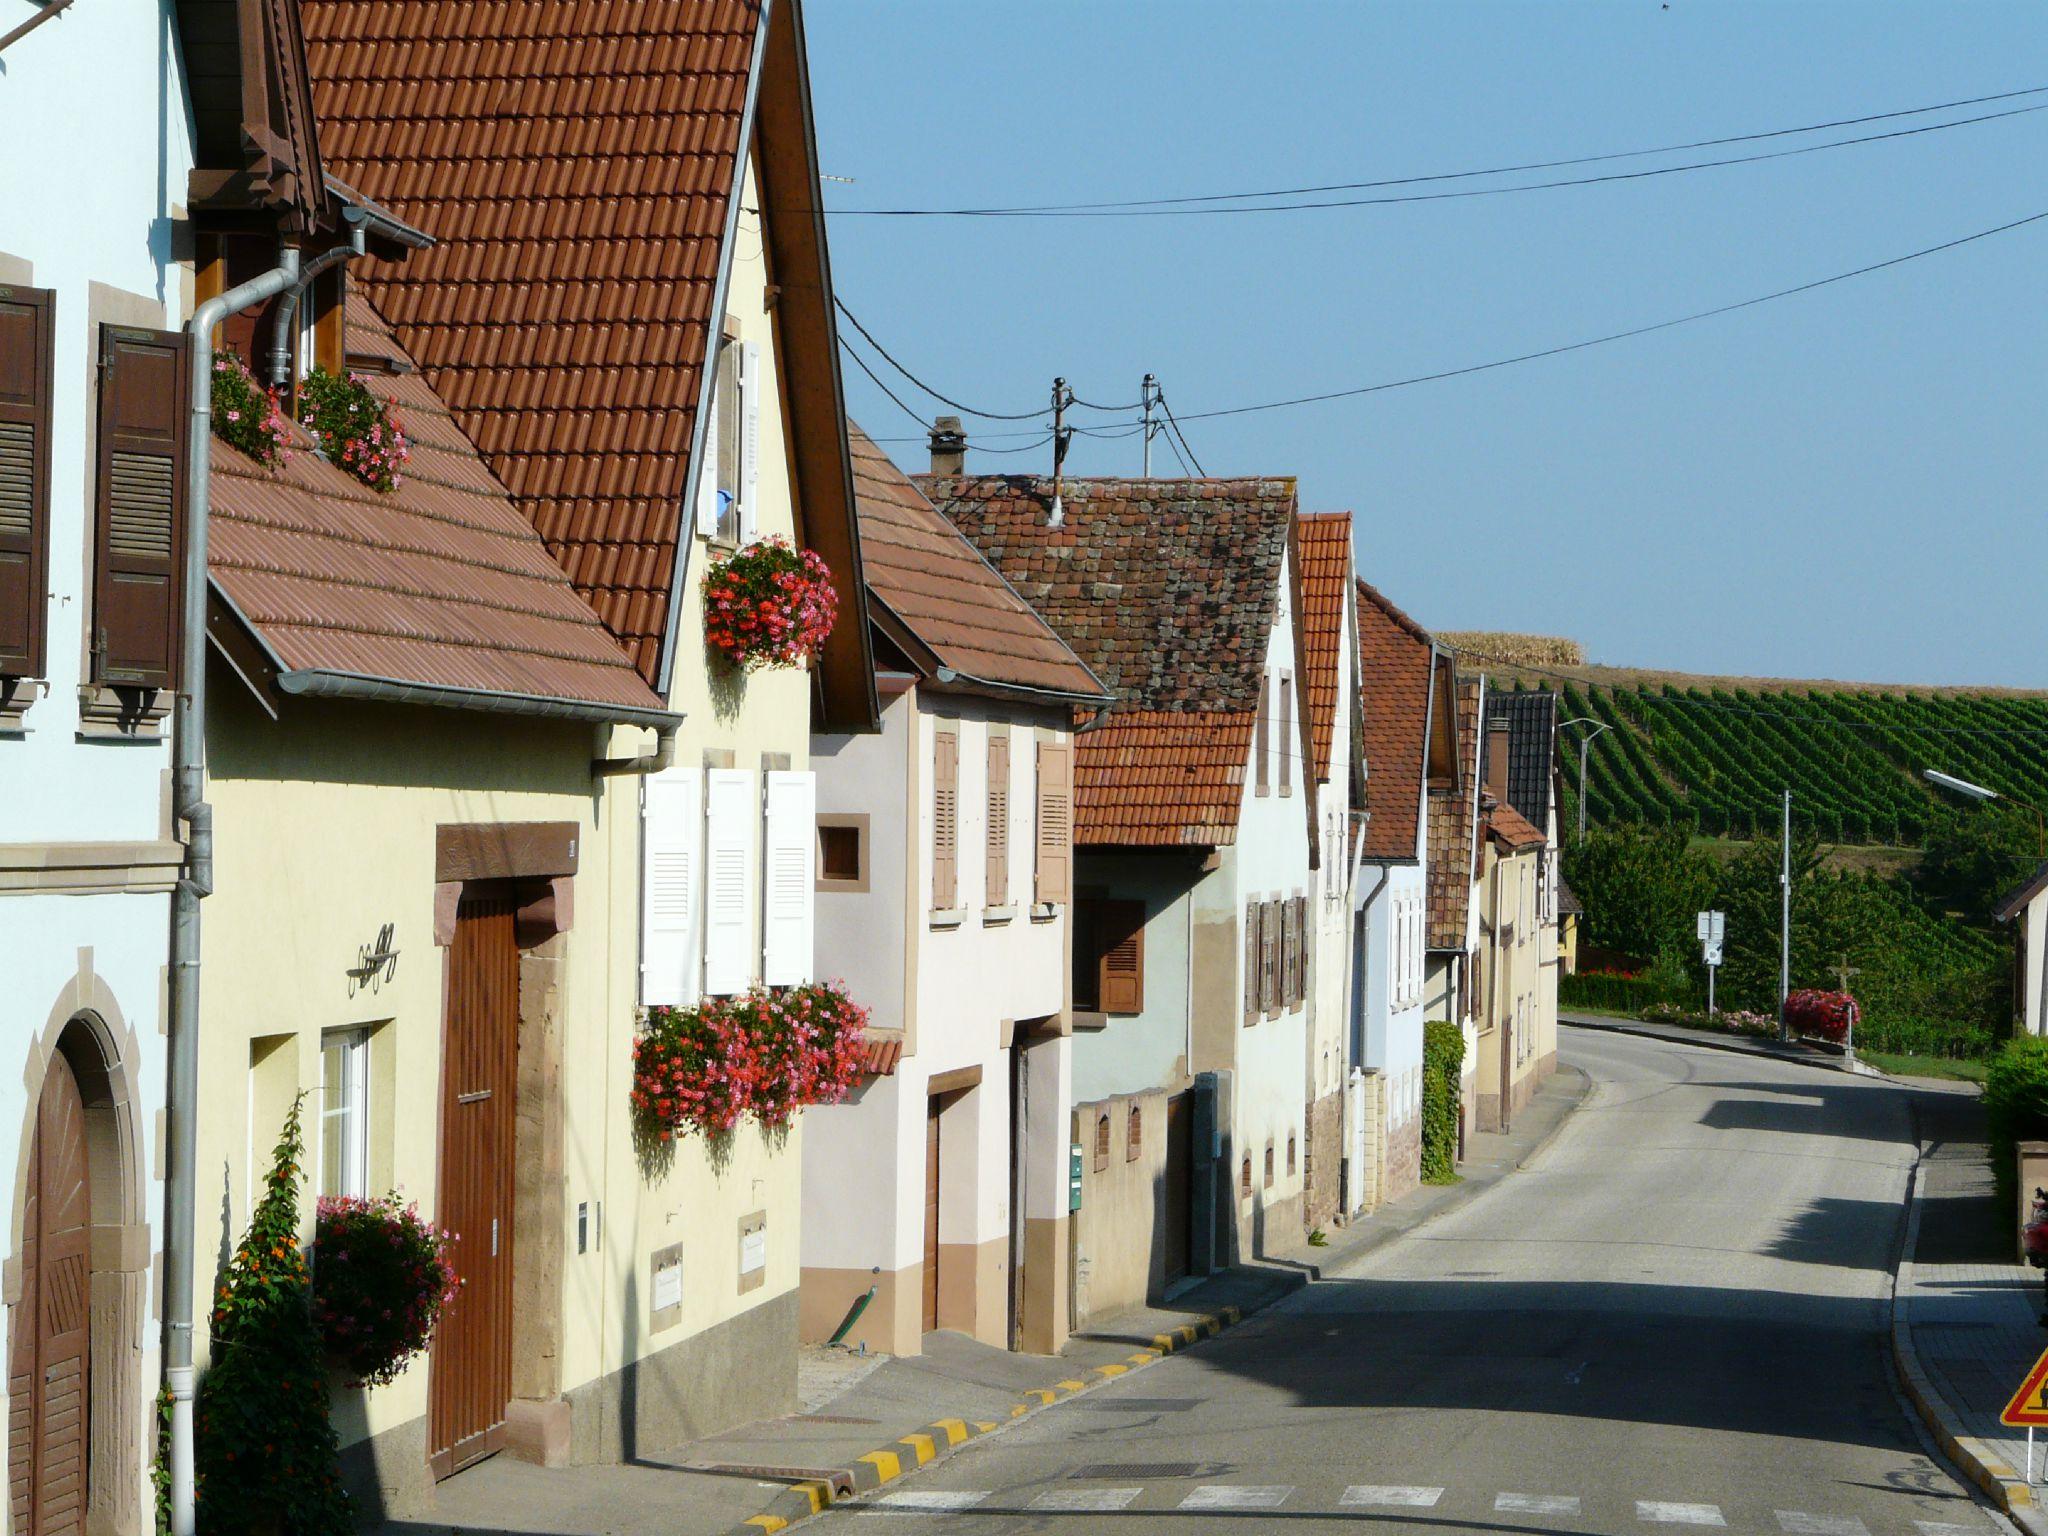 Dahlenheim (3)